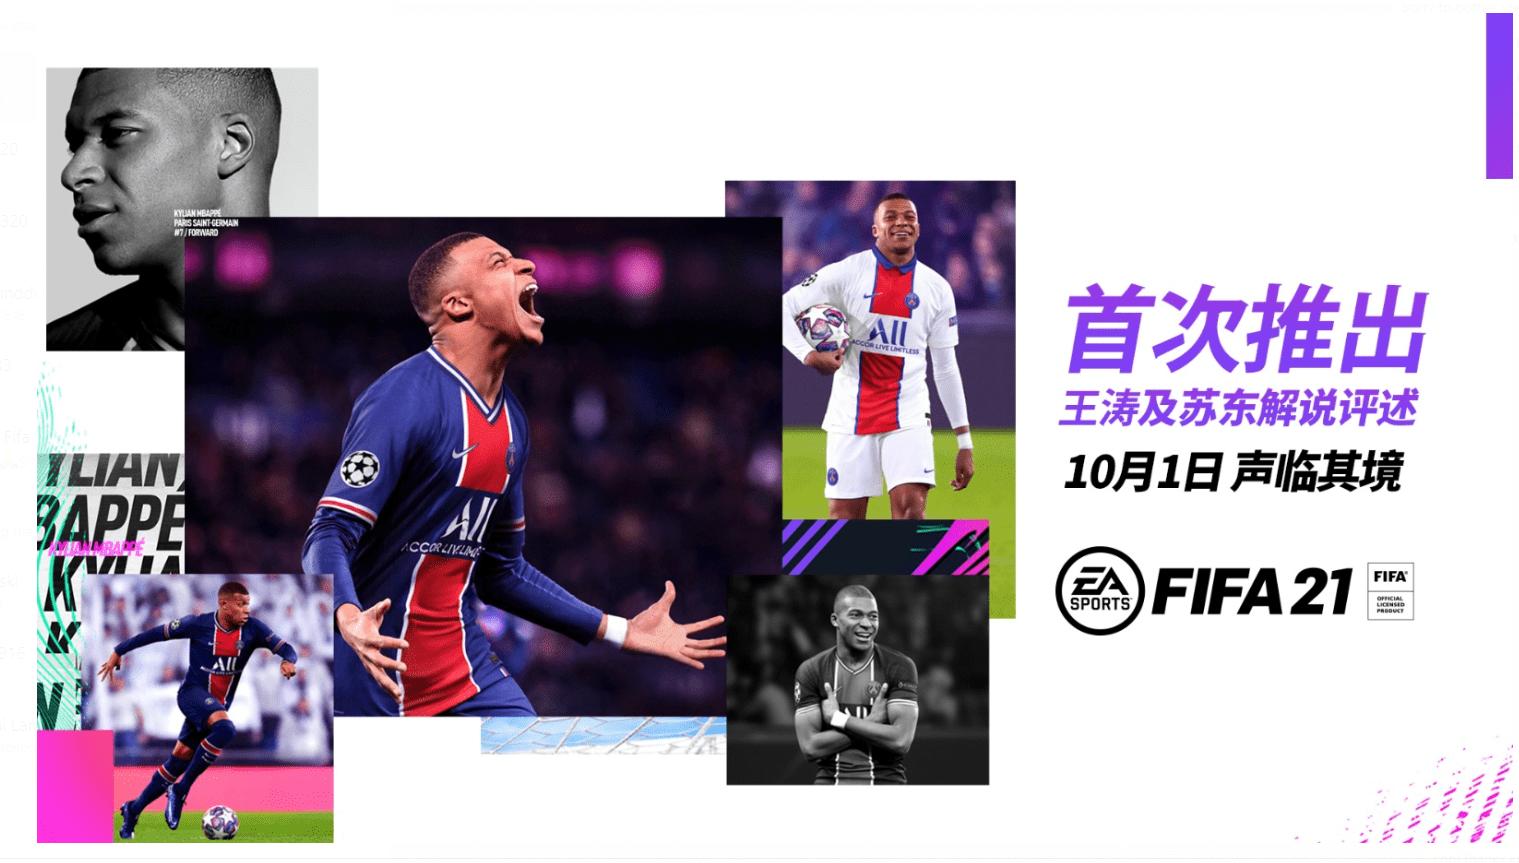 另一位著名评论员苏东被公认为中国足球